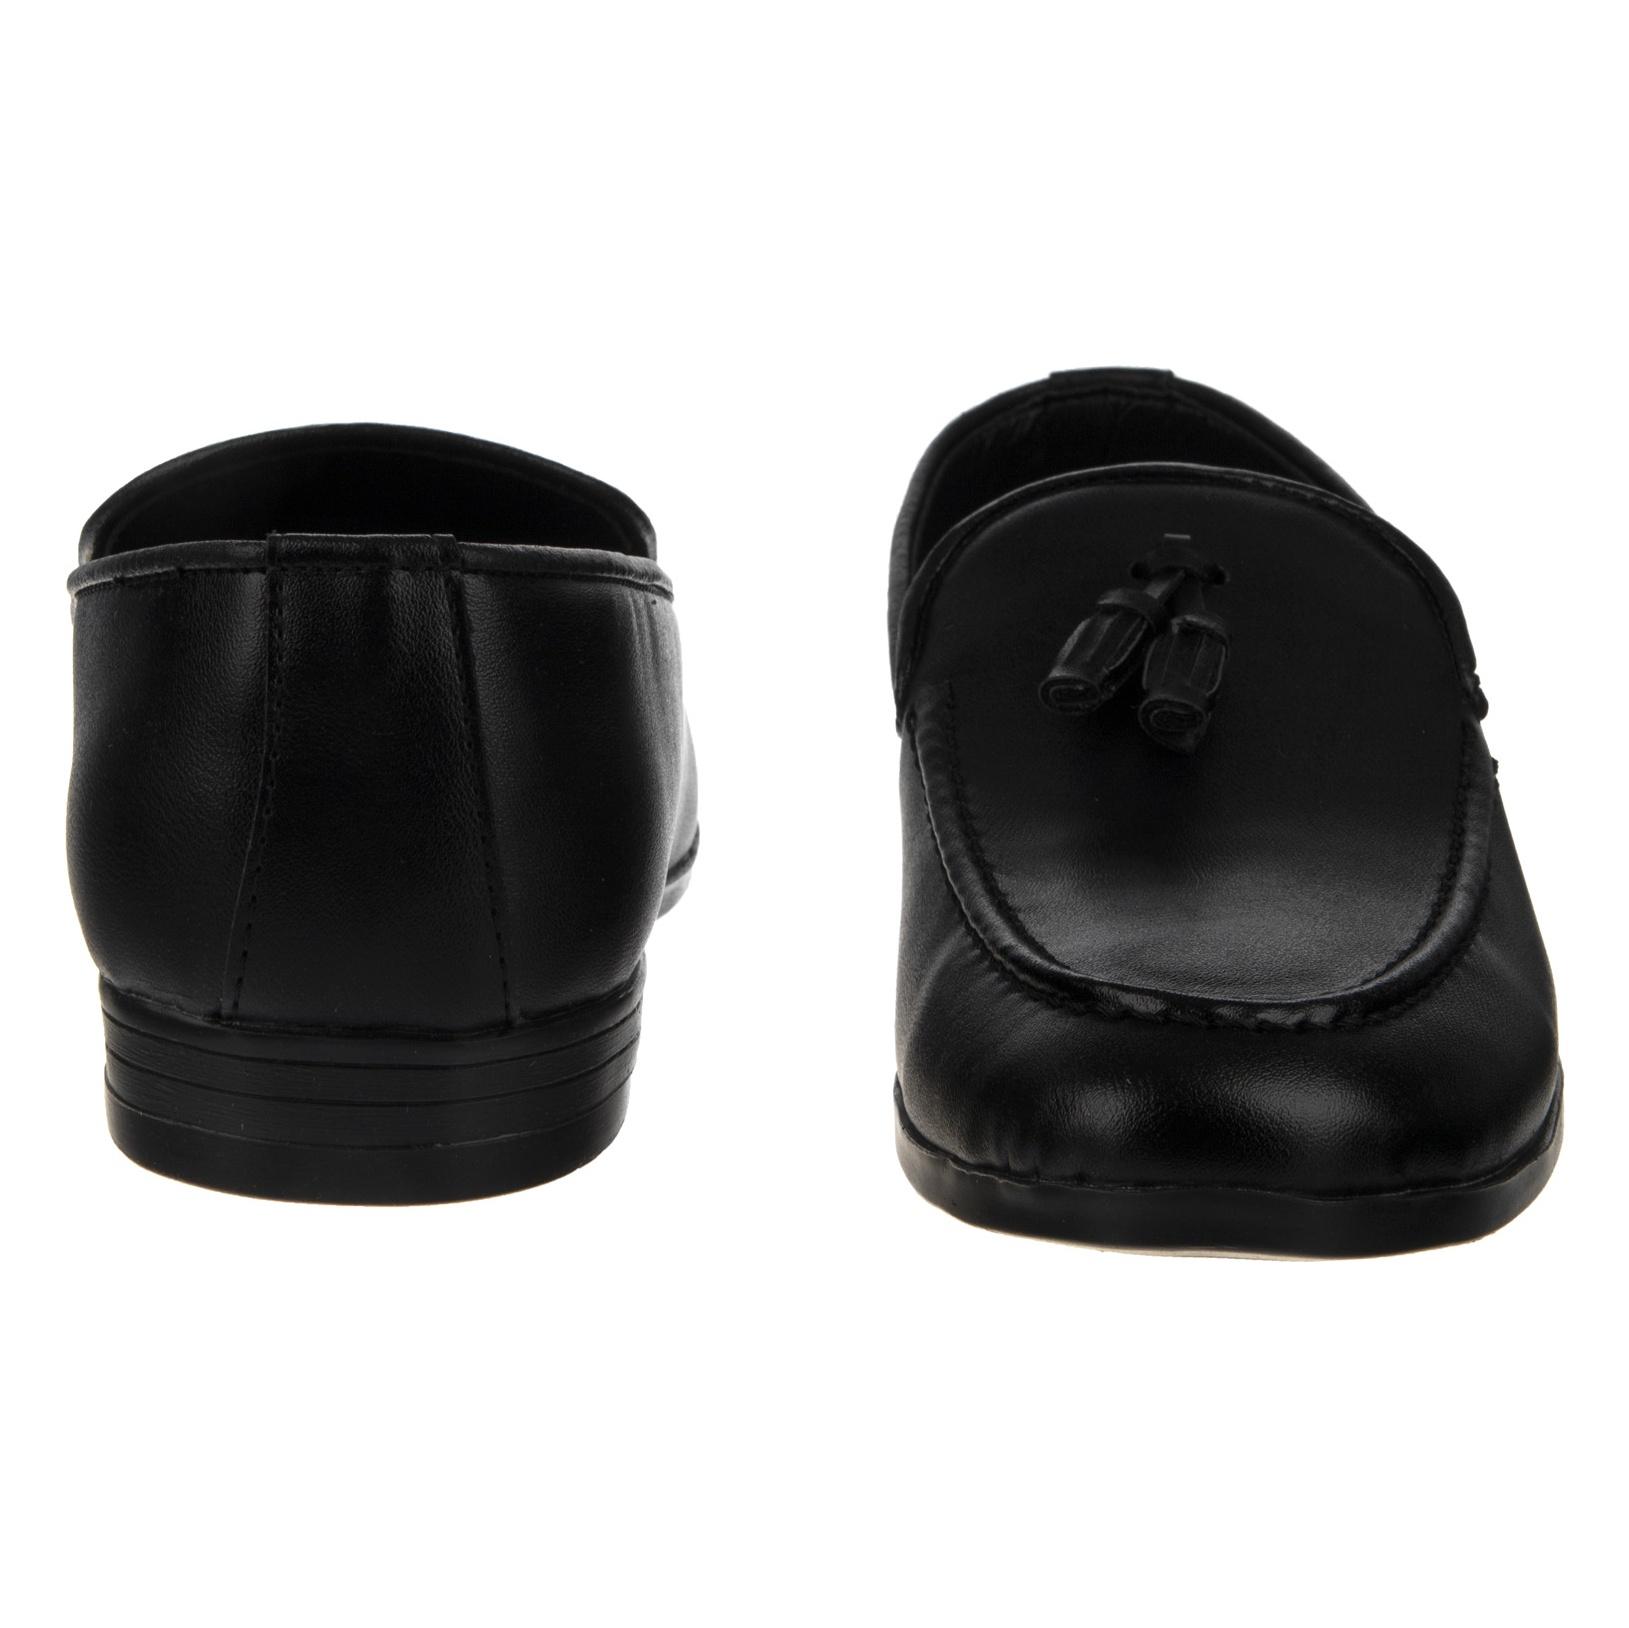 کفش مردانه ام تو مدل 315-0001 -  - 6